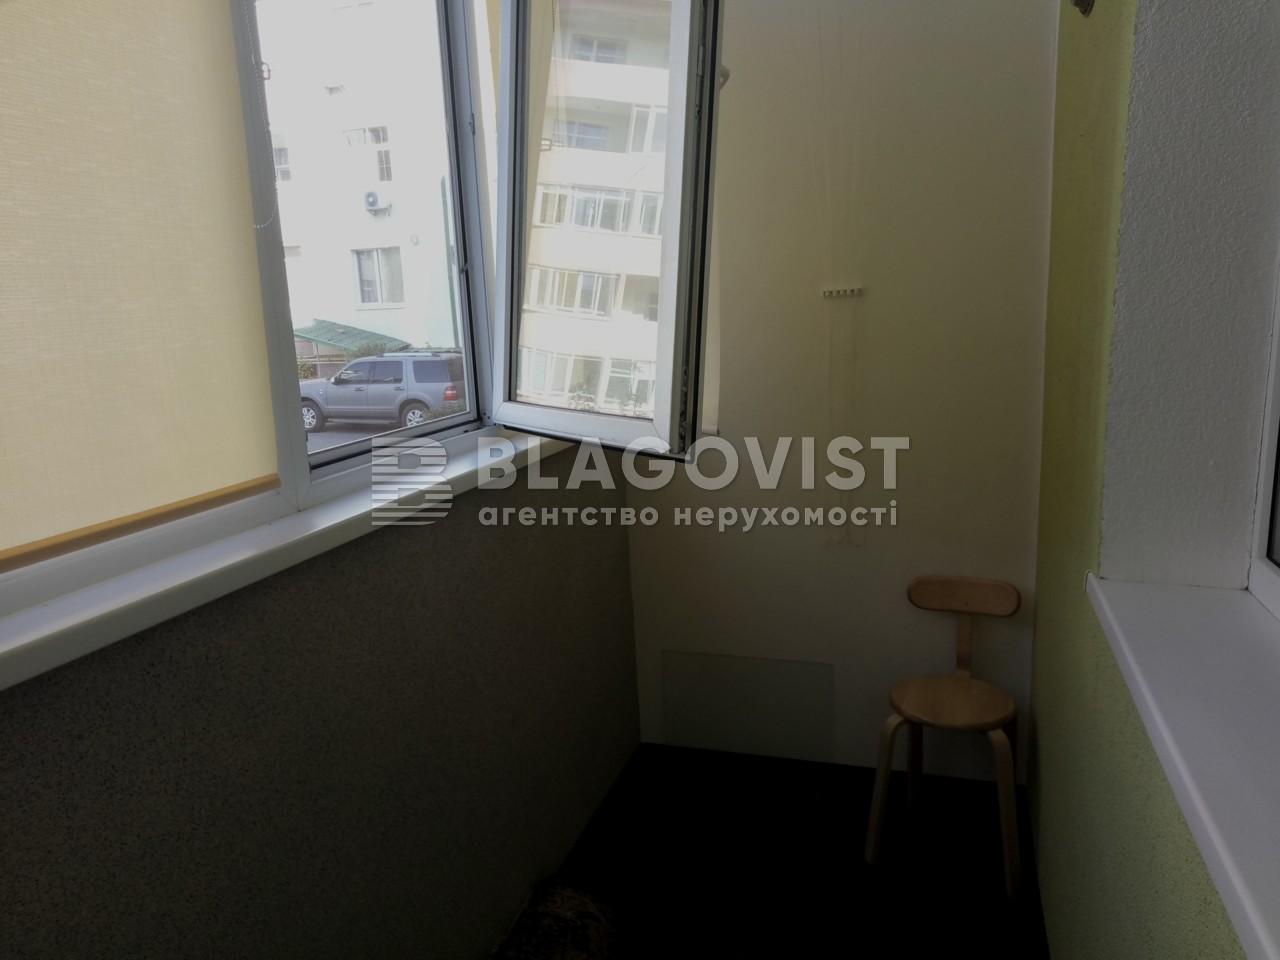 Квартира M-35970, Борщаговская, 28а, Петропавловская Борщаговка - Фото 17